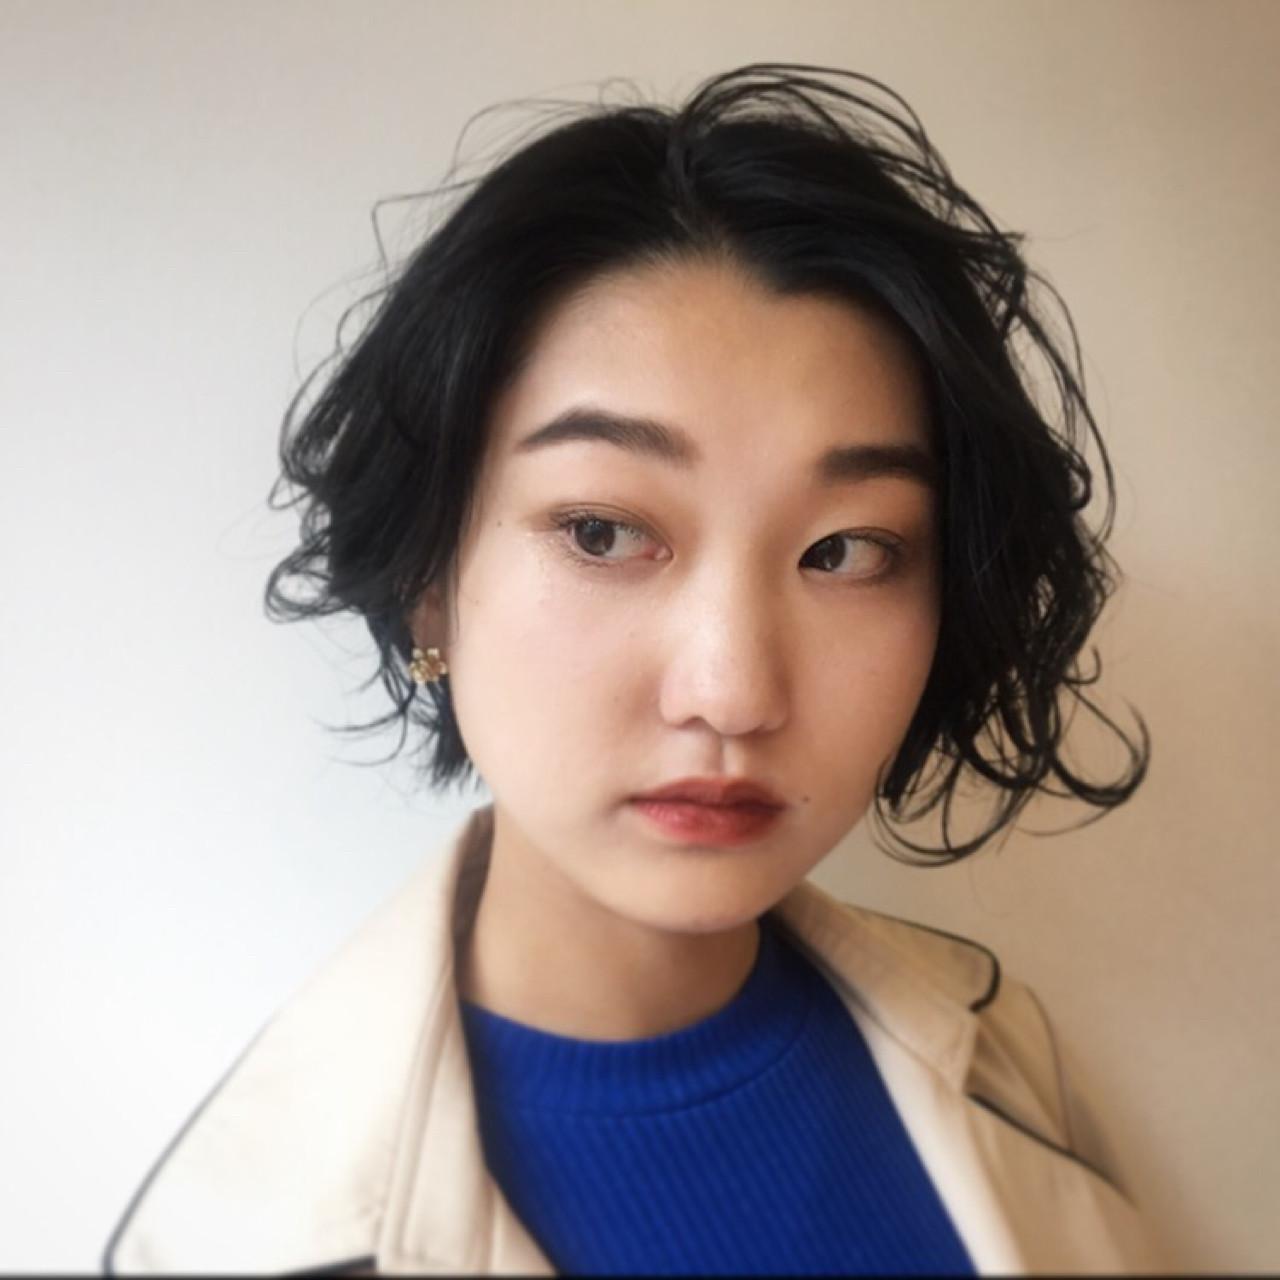 ウェットヘア パーマ ナチュラル 抜け感 ヘアスタイルや髪型の写真・画像